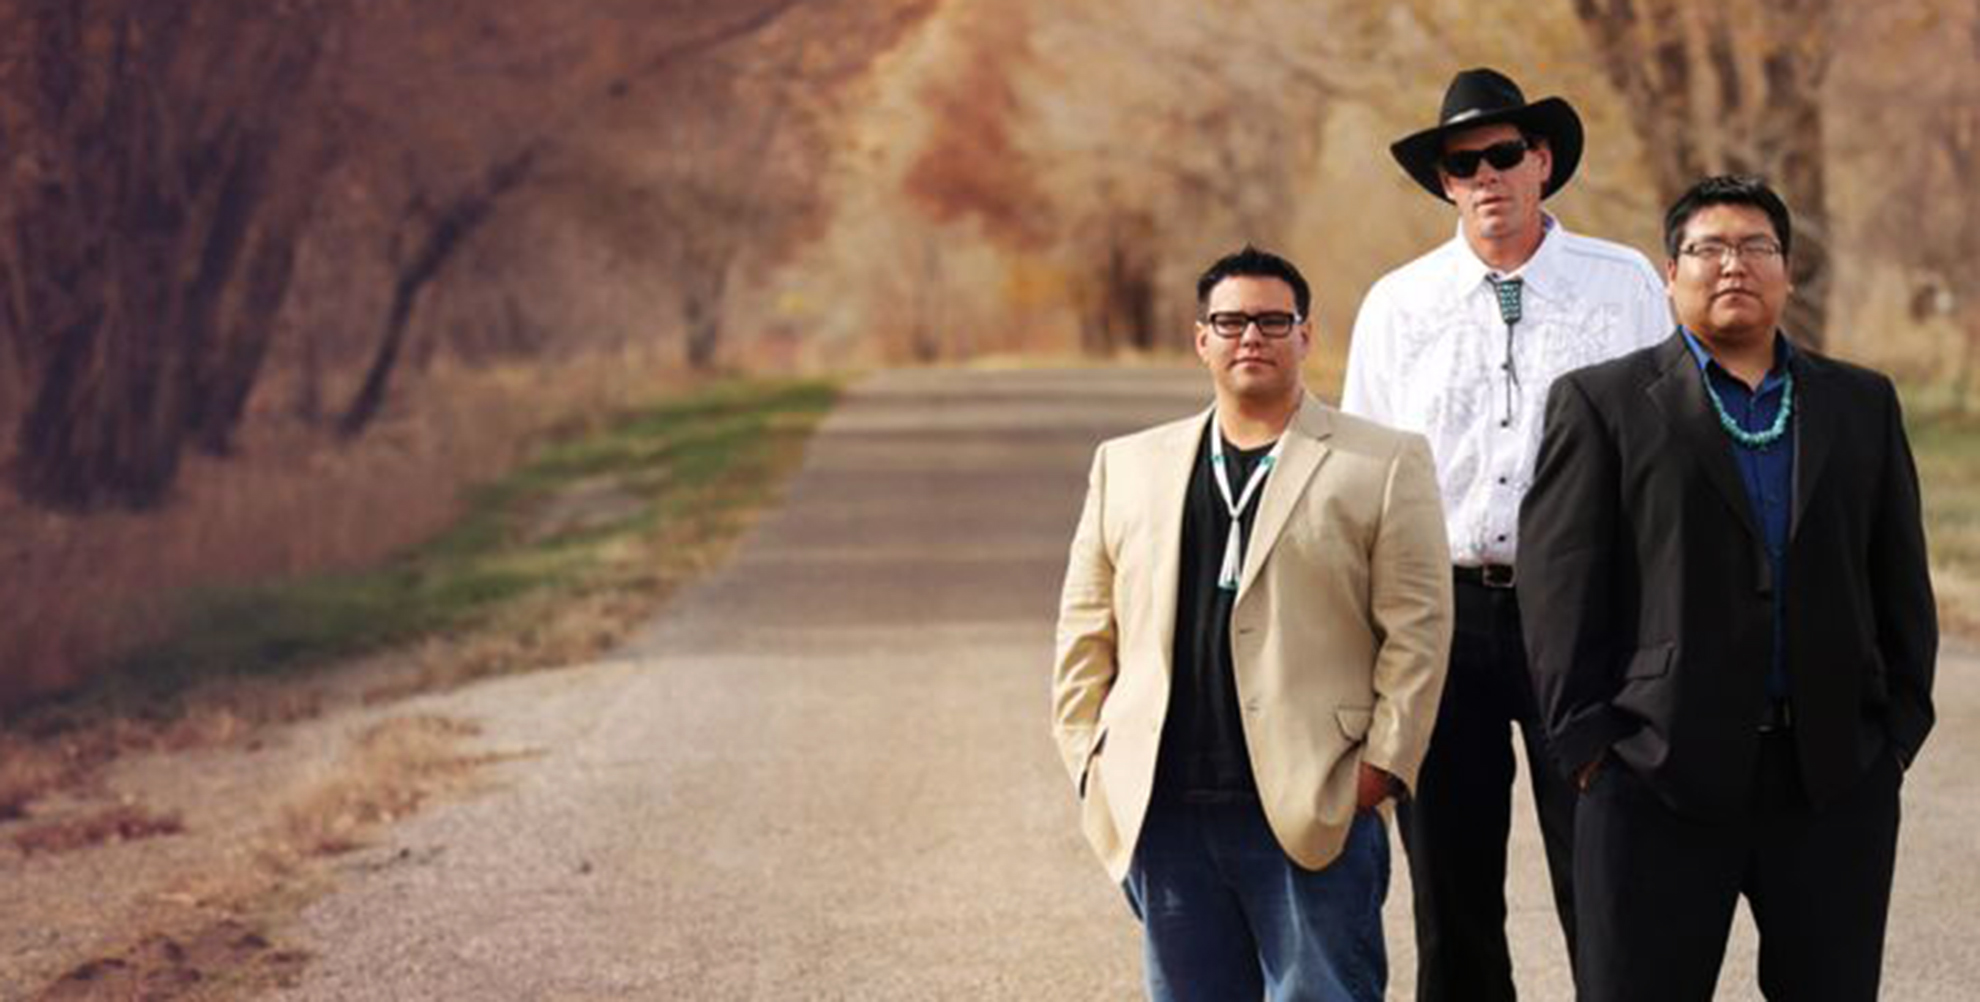 The Delbert Anderson Trio